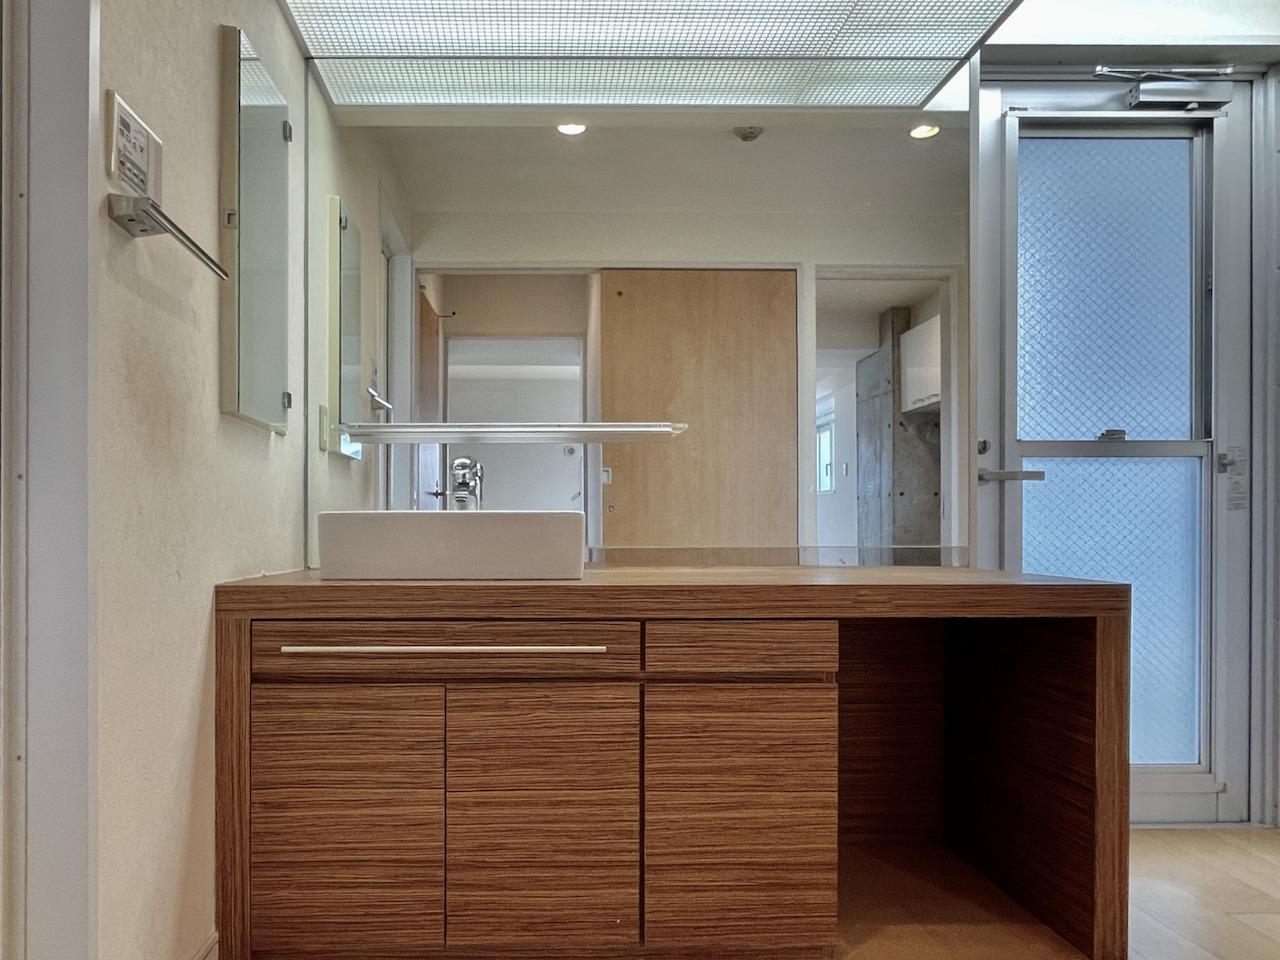 洗面所の鏡も大きく広い。